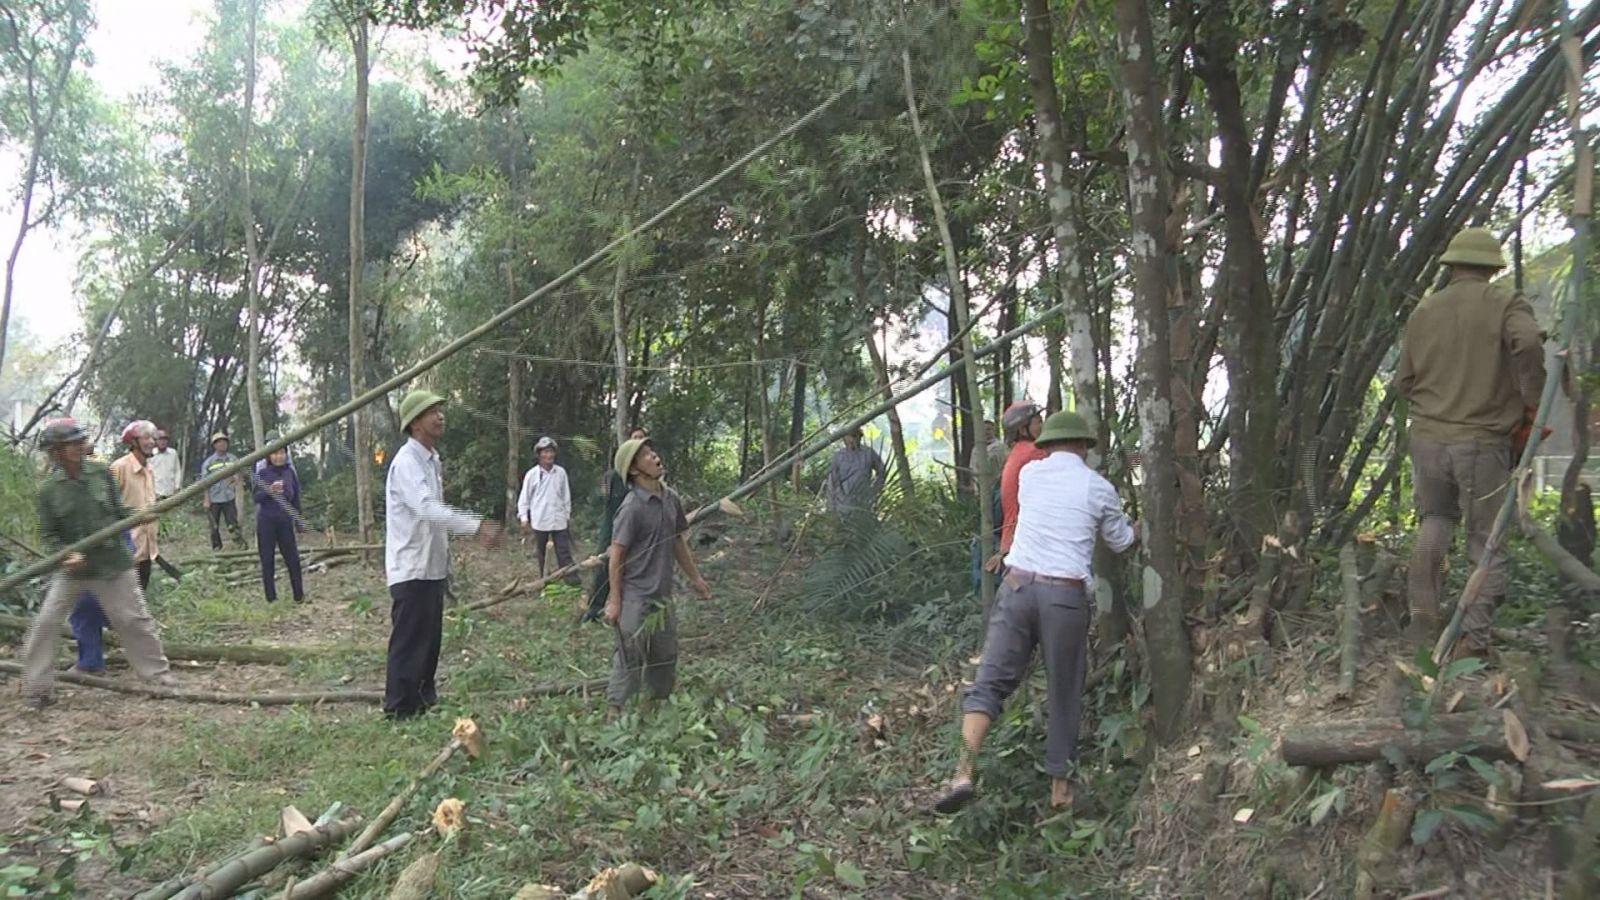 Trong thời gian qua, Hội CCB huyện đã huy động hơn 500 ngày công của các xã lân cận giúp các xã Cẩm Hòa, Cẩm Dương, Cẩm Sơn chỉnh trang vườn hộ, xây dựng vườn mẫu.